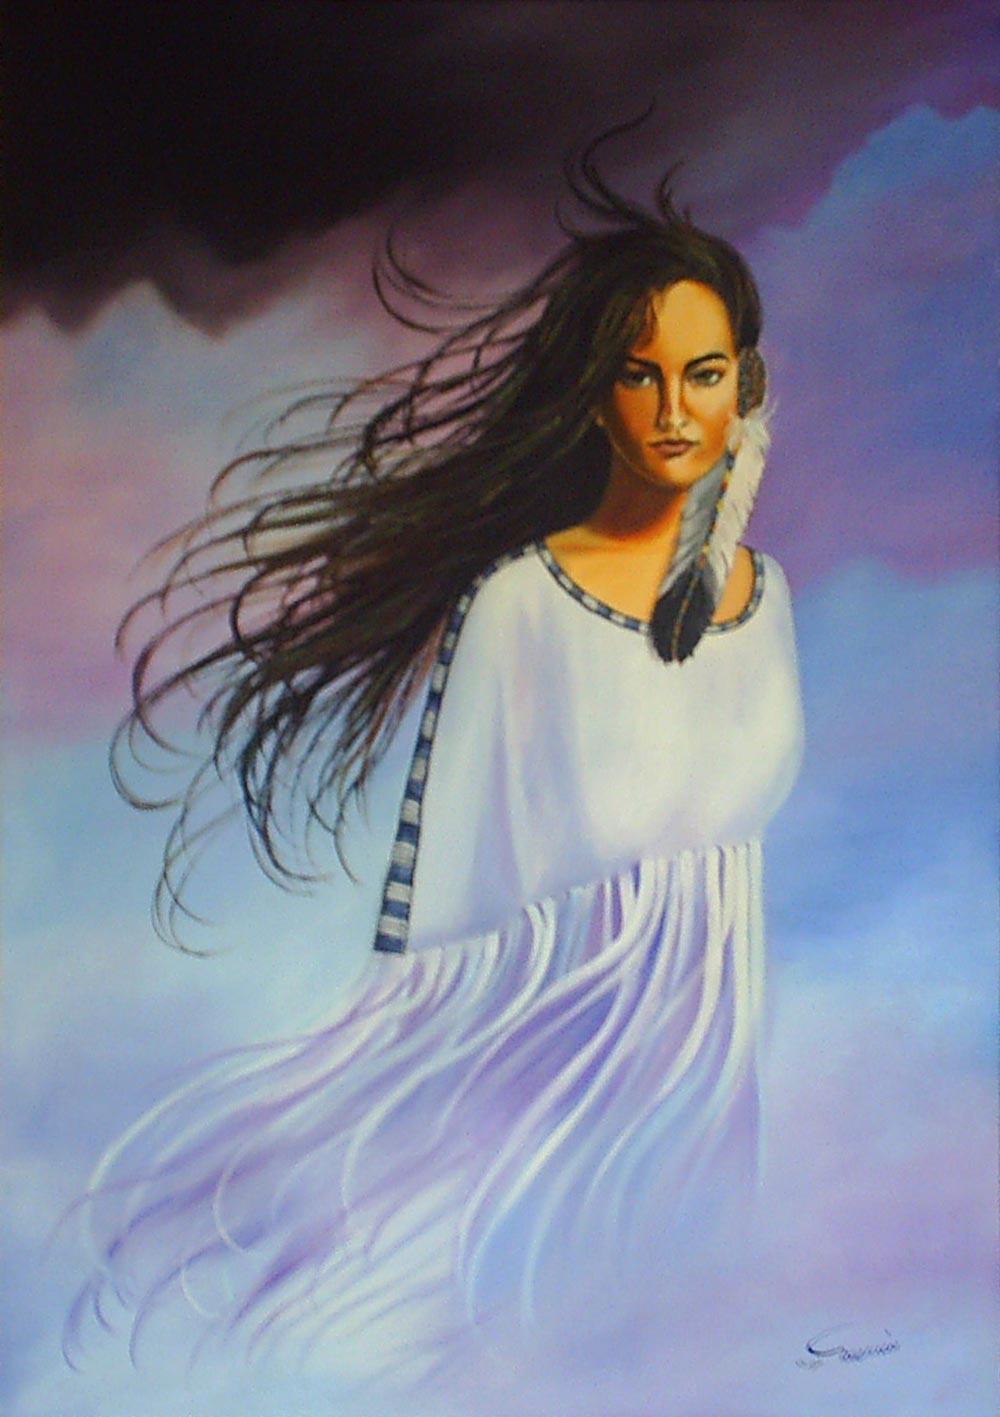 نقاشی فیگور و پرتره- ایستاده در باد - رنگ روغن روی بوم